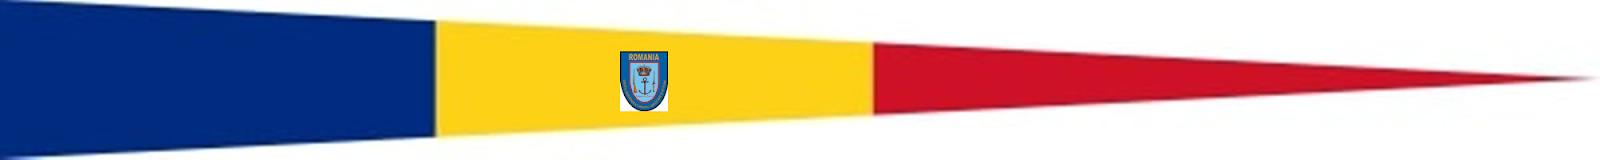 Flamura navelor G.I.C.A.